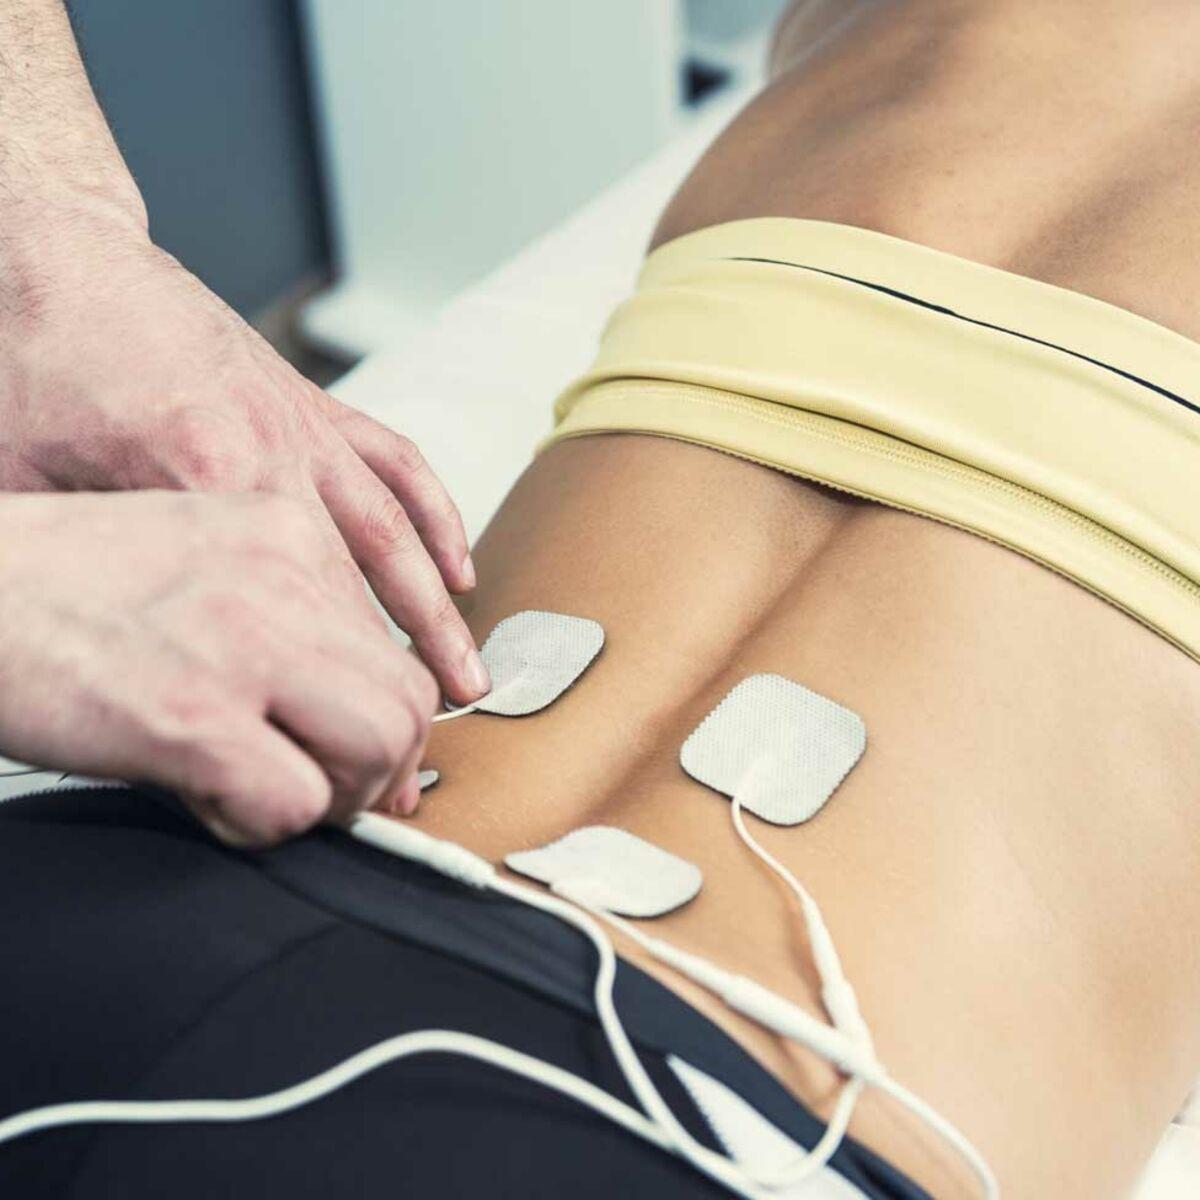 6 bonnes raisons d'utiliser la stimulation électrique : Femme Actuelle Le  MAG